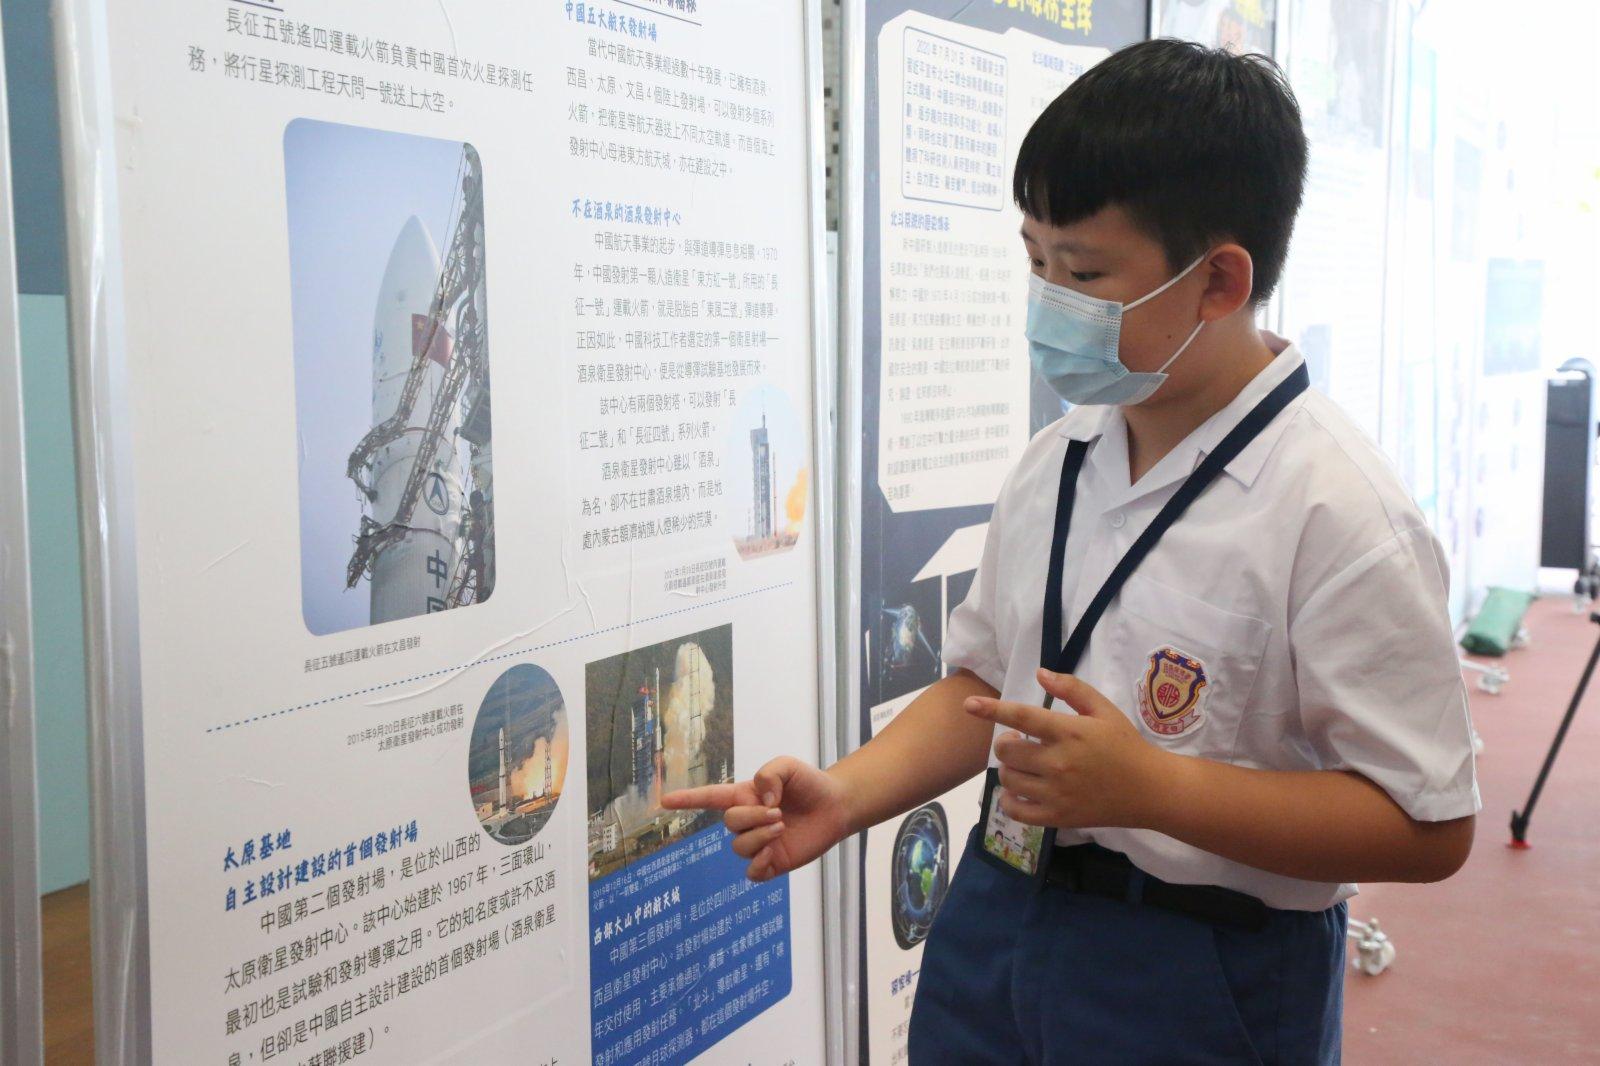 五年級學生賀炳文表示,參觀完圖文展以後增強了自己的民族認同感,為自己是一個中國人而自豪。(中新社)